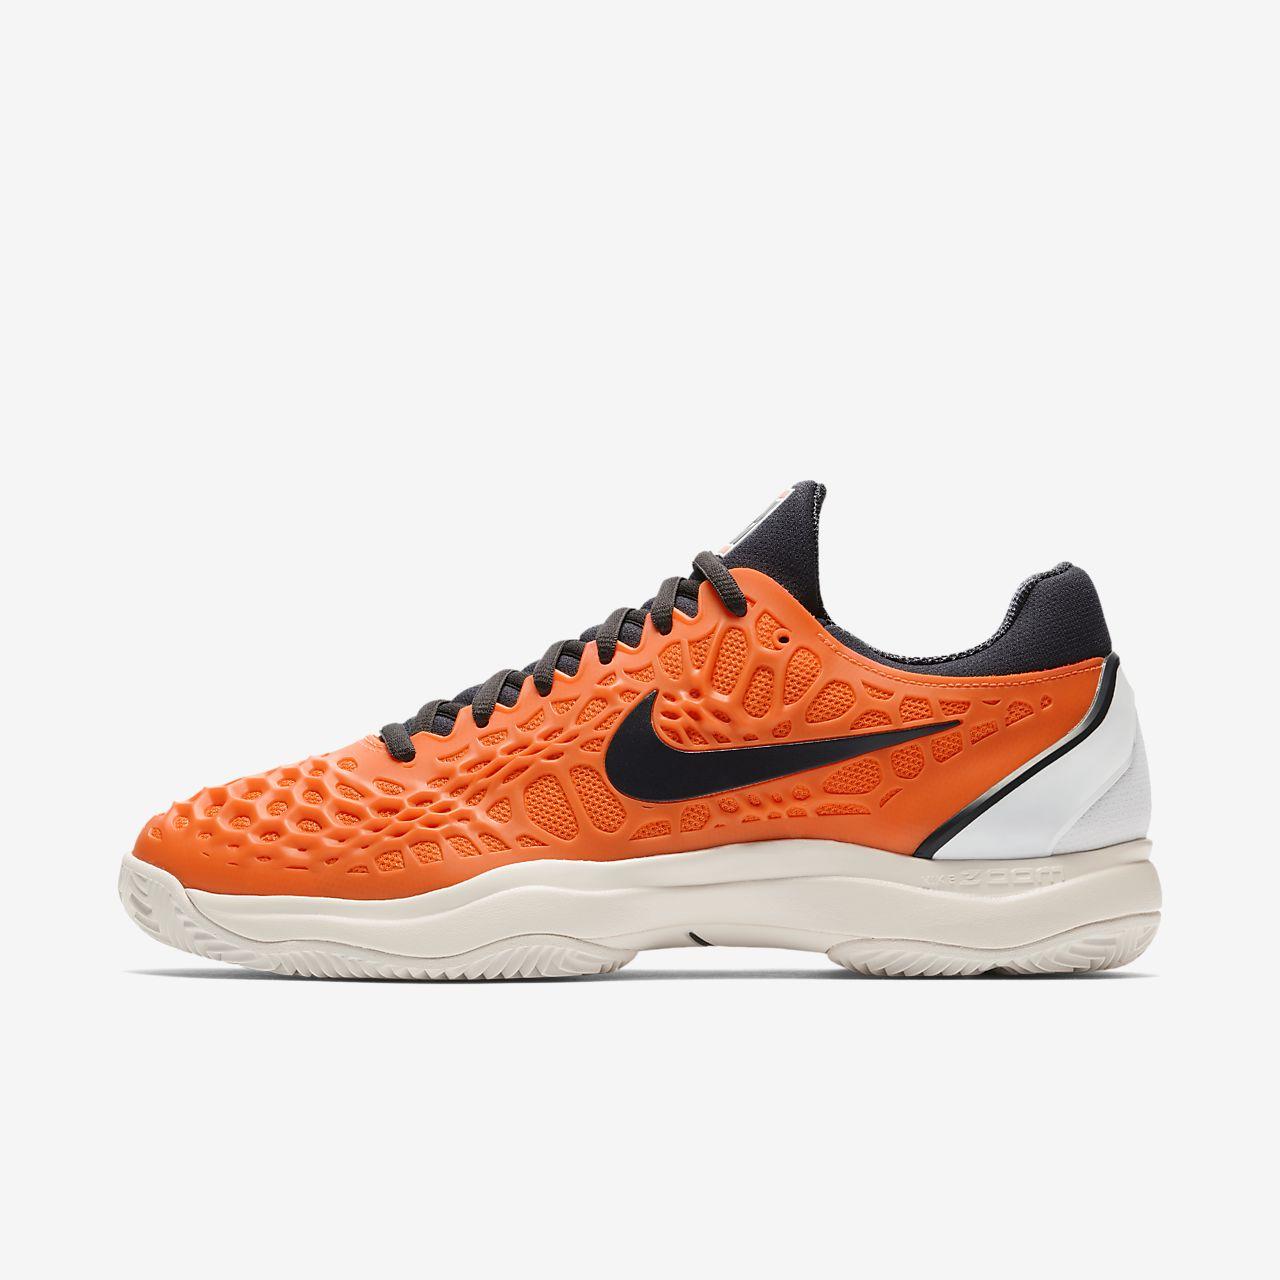 Nike Zoom Cage 3 Clay Zapatillas de tenis - Hombre. Nike.com ES 4f9bb897cca0c